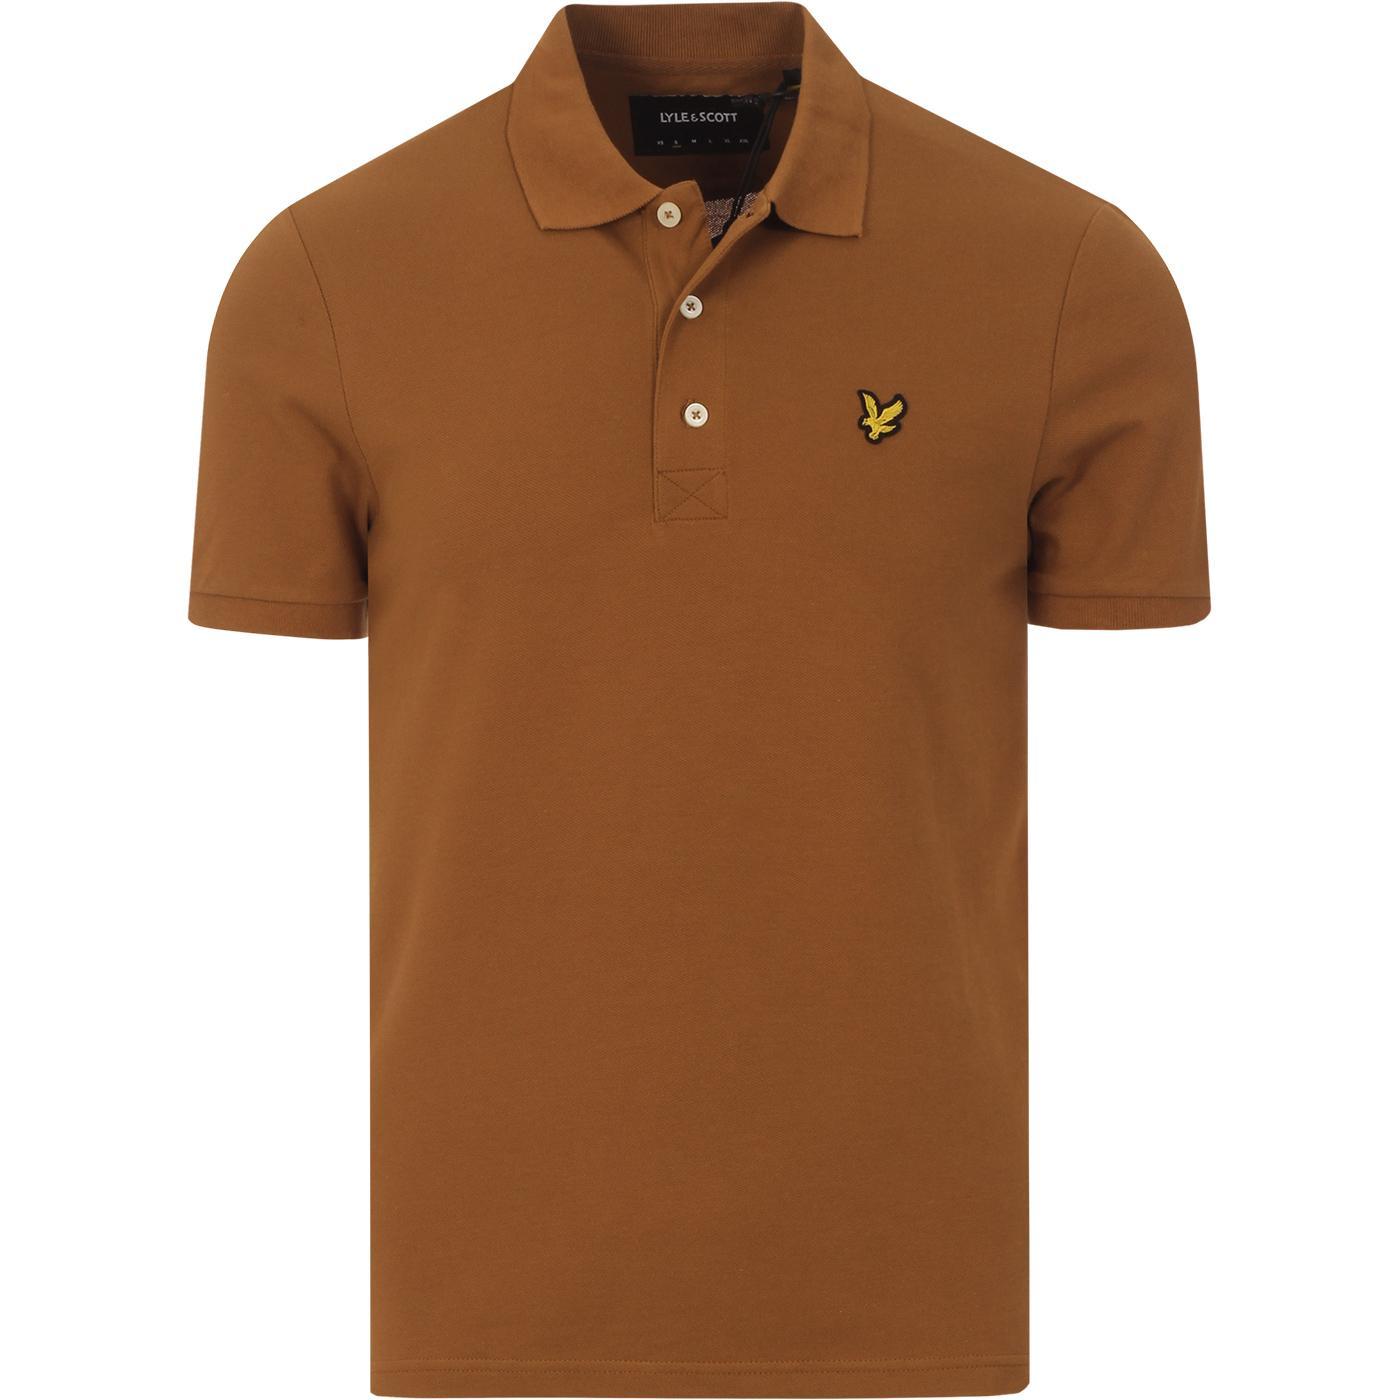 LYLE & SCOTT Mod Classic Pique Polo Shirt (TB)